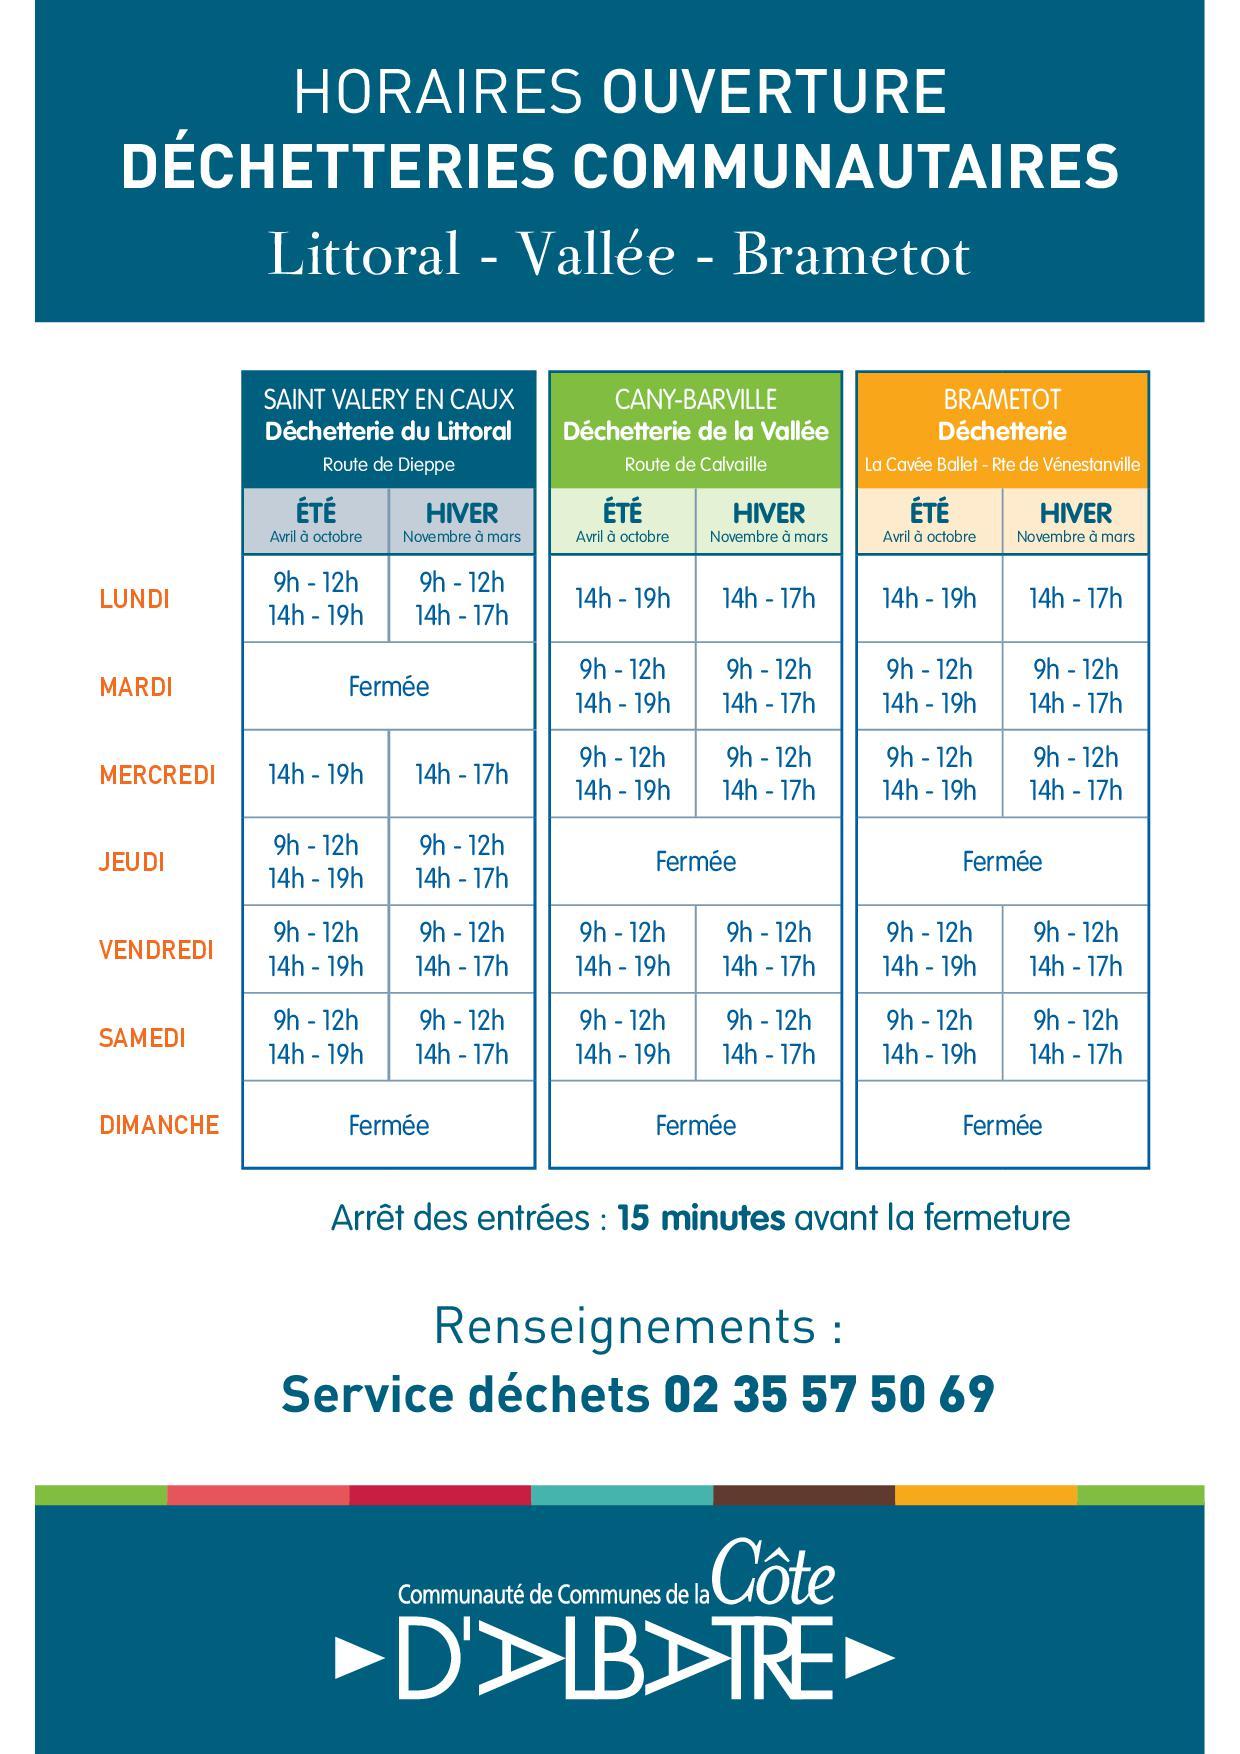 Panneux-horaires-déchetteries-2017-V2